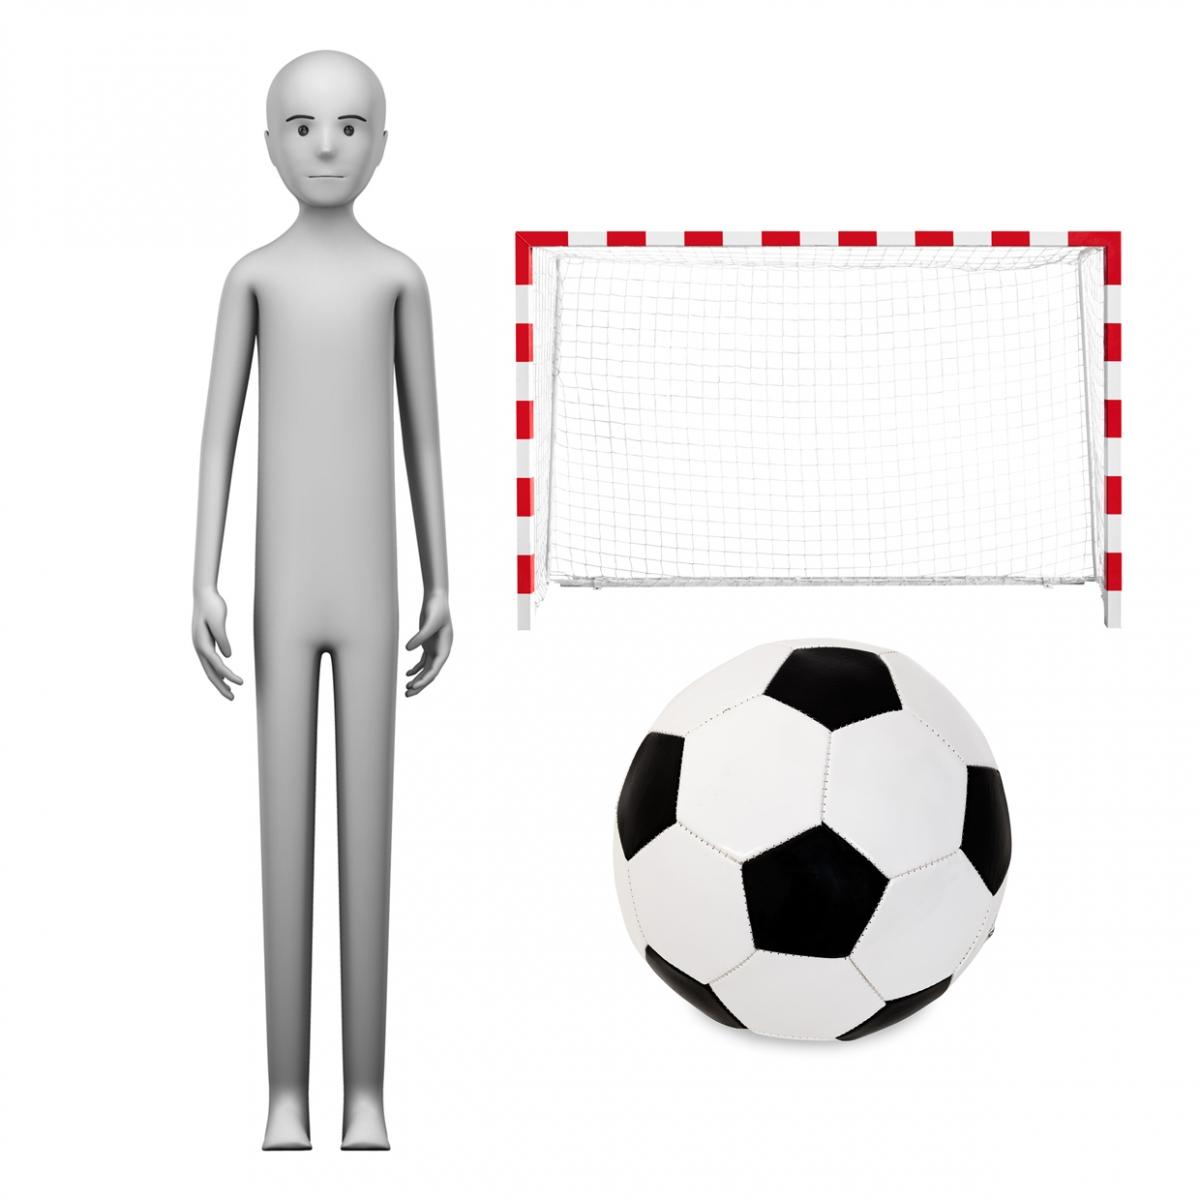 Imagen en la que se ve el concepto de profesión futbolista